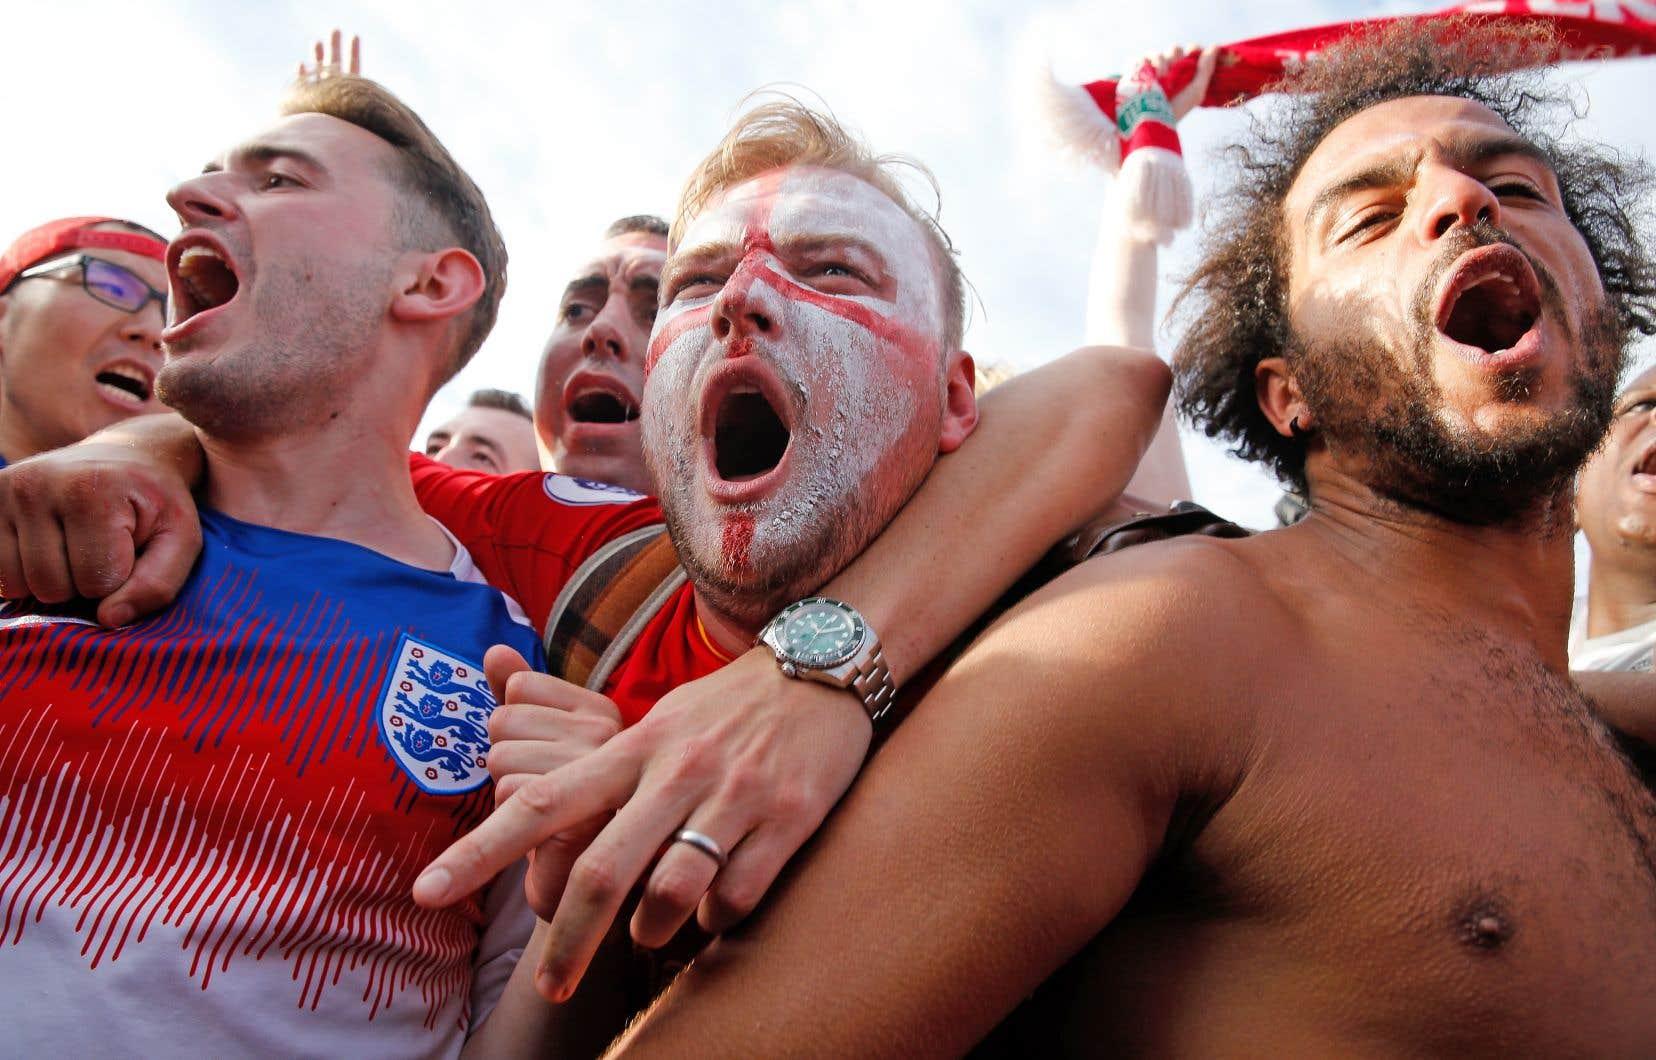 Des partisans anglais célèbrent la victoire des Three Lions après le match contre la Suède à la Coupe du monde de soccer, en Russie.